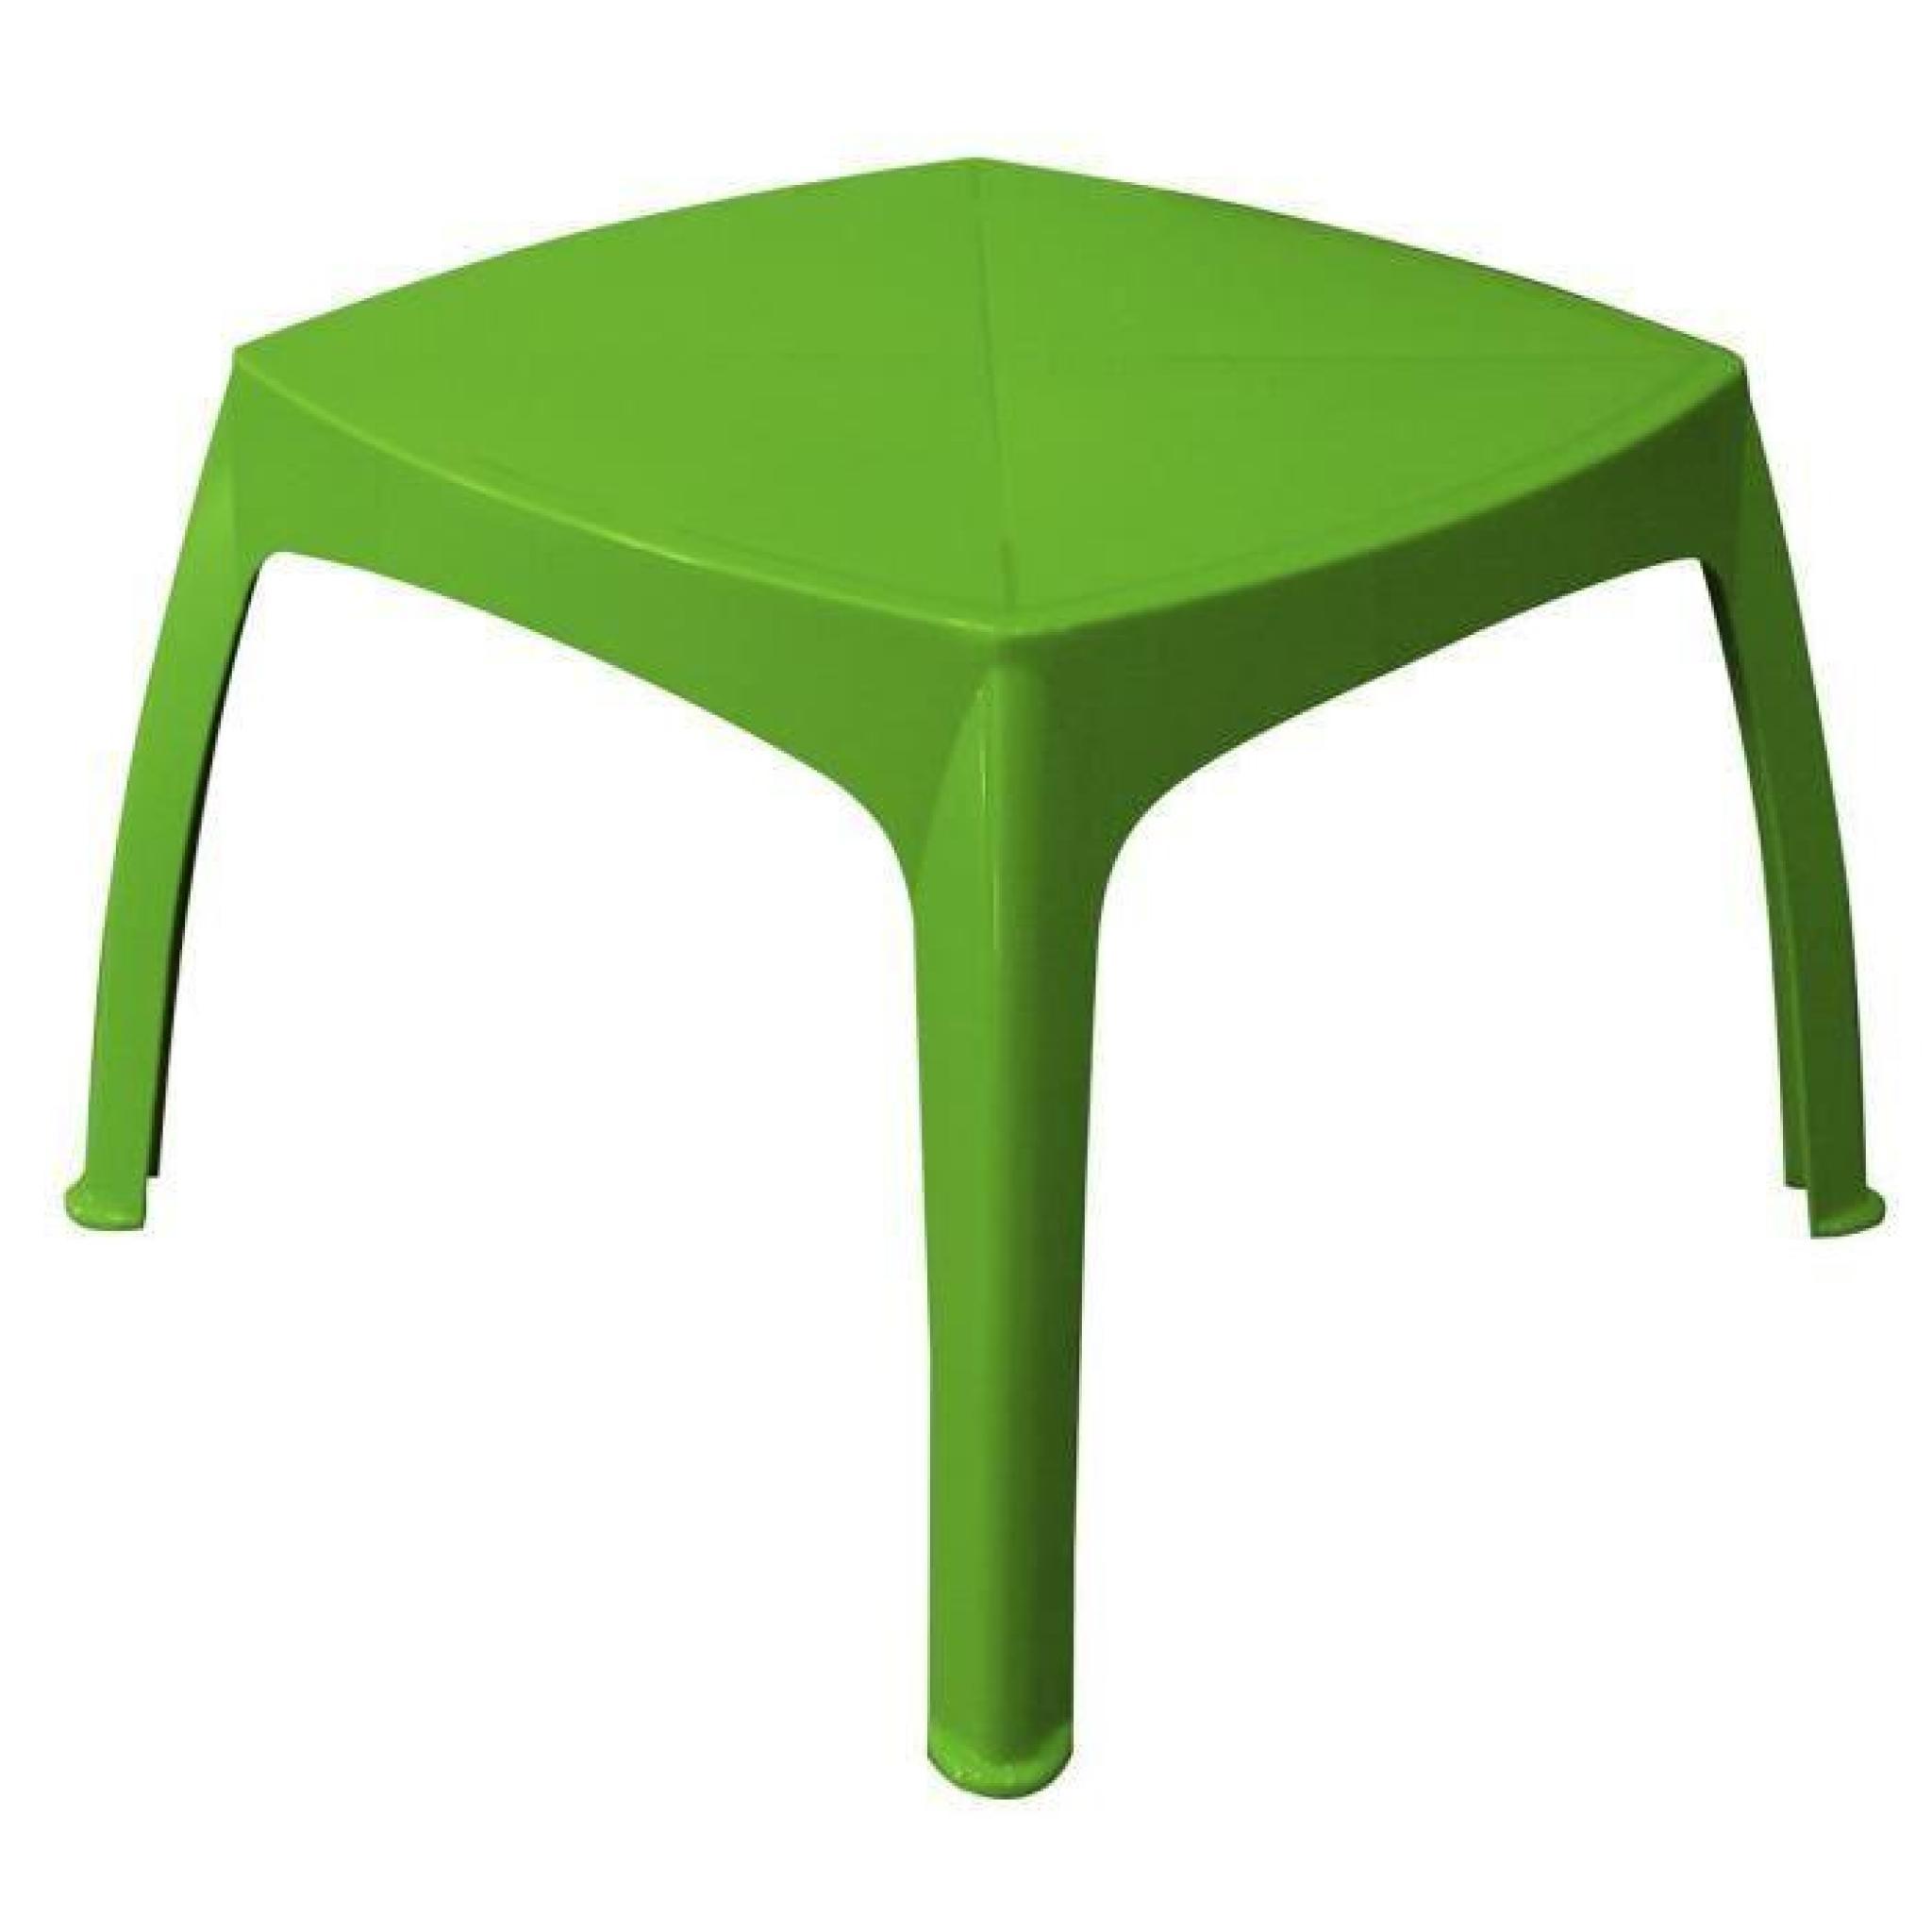 Table De Jardin Enfant Pistache - Achat/Vente Table De encequiconcerne Table De Jardin Pas Chere